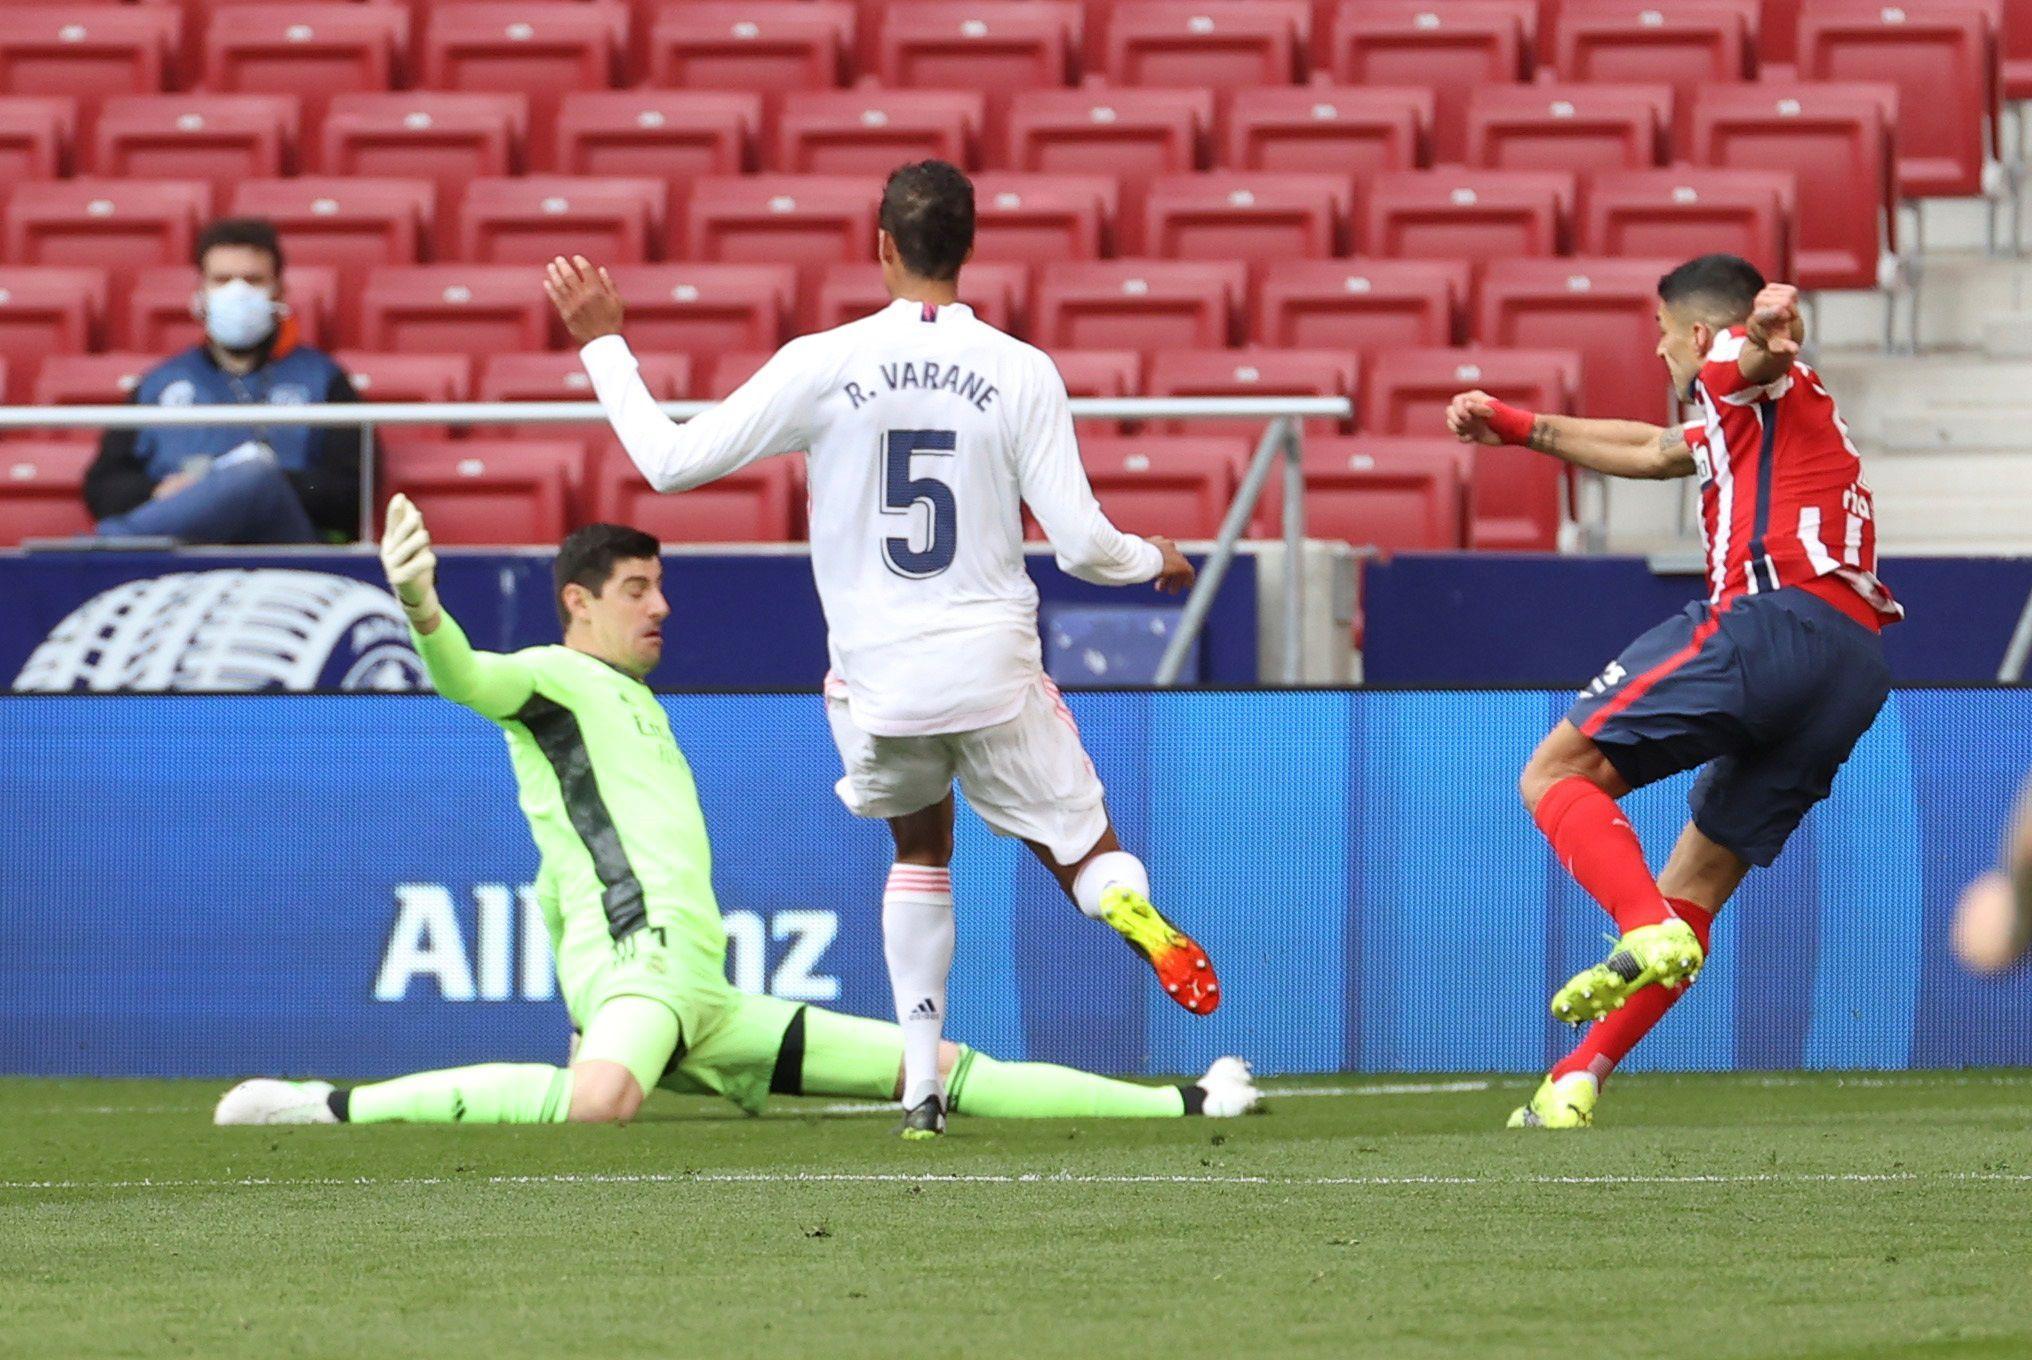 El delantero uruguayo del Atlético de Madrid Luis Suárez (dcha) remata para conseguir el primer gol ante el portero belga del Real Madrid, Thibaut Courtois, durante el partido de Liga que disputaron en el estadio Wanda Metropolitano de Madrid.EFE/JuanJo Martín